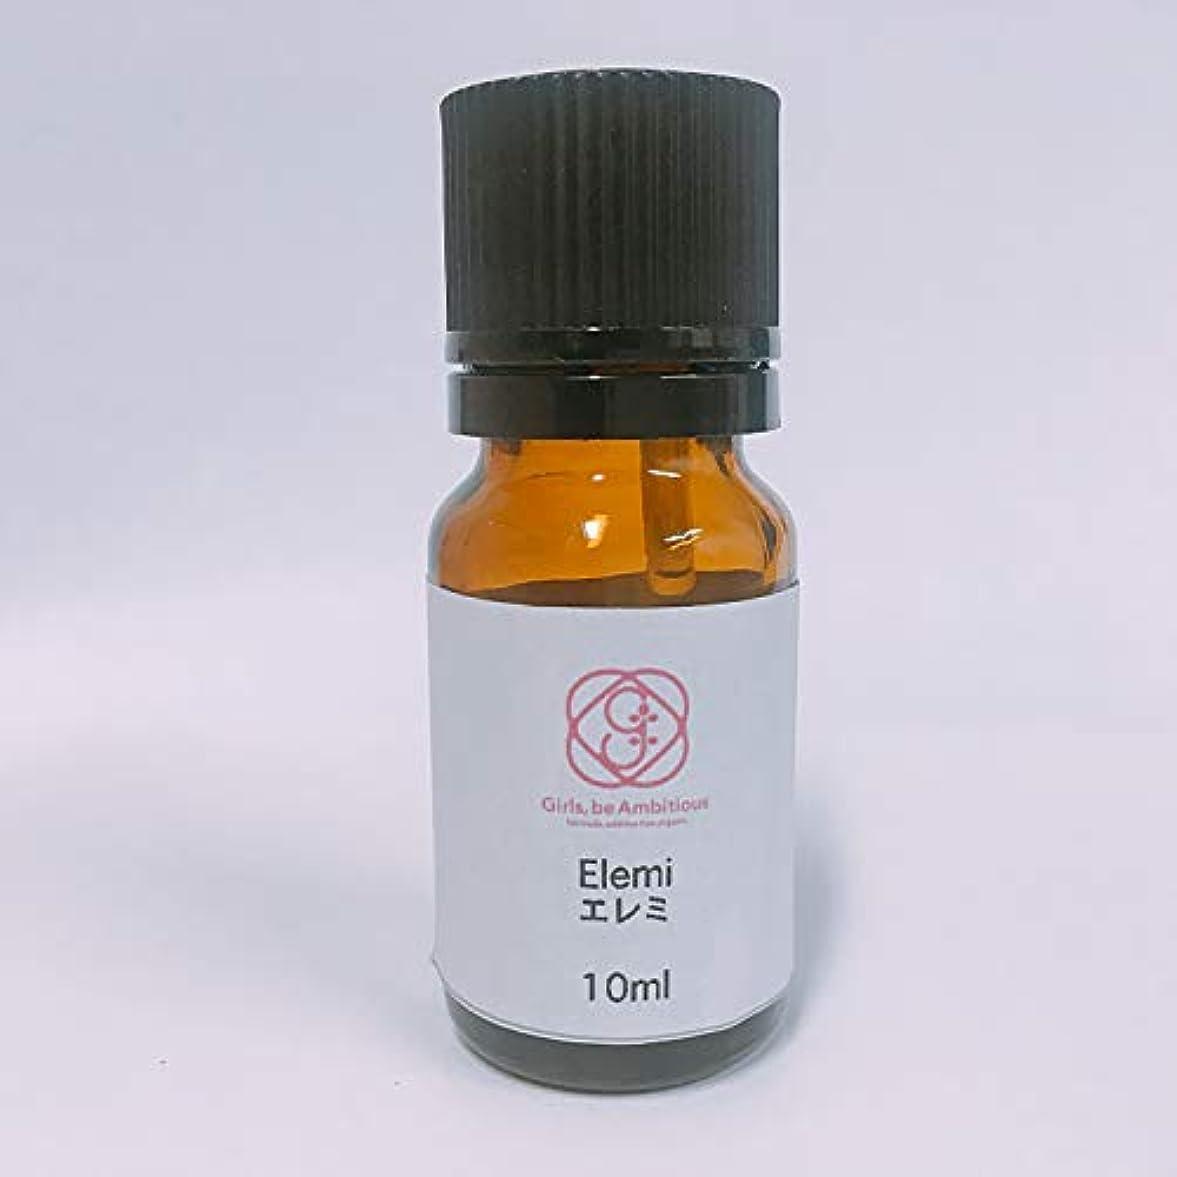 満了悪意つぼみエレミオイル(ELEMI OIL)10ml